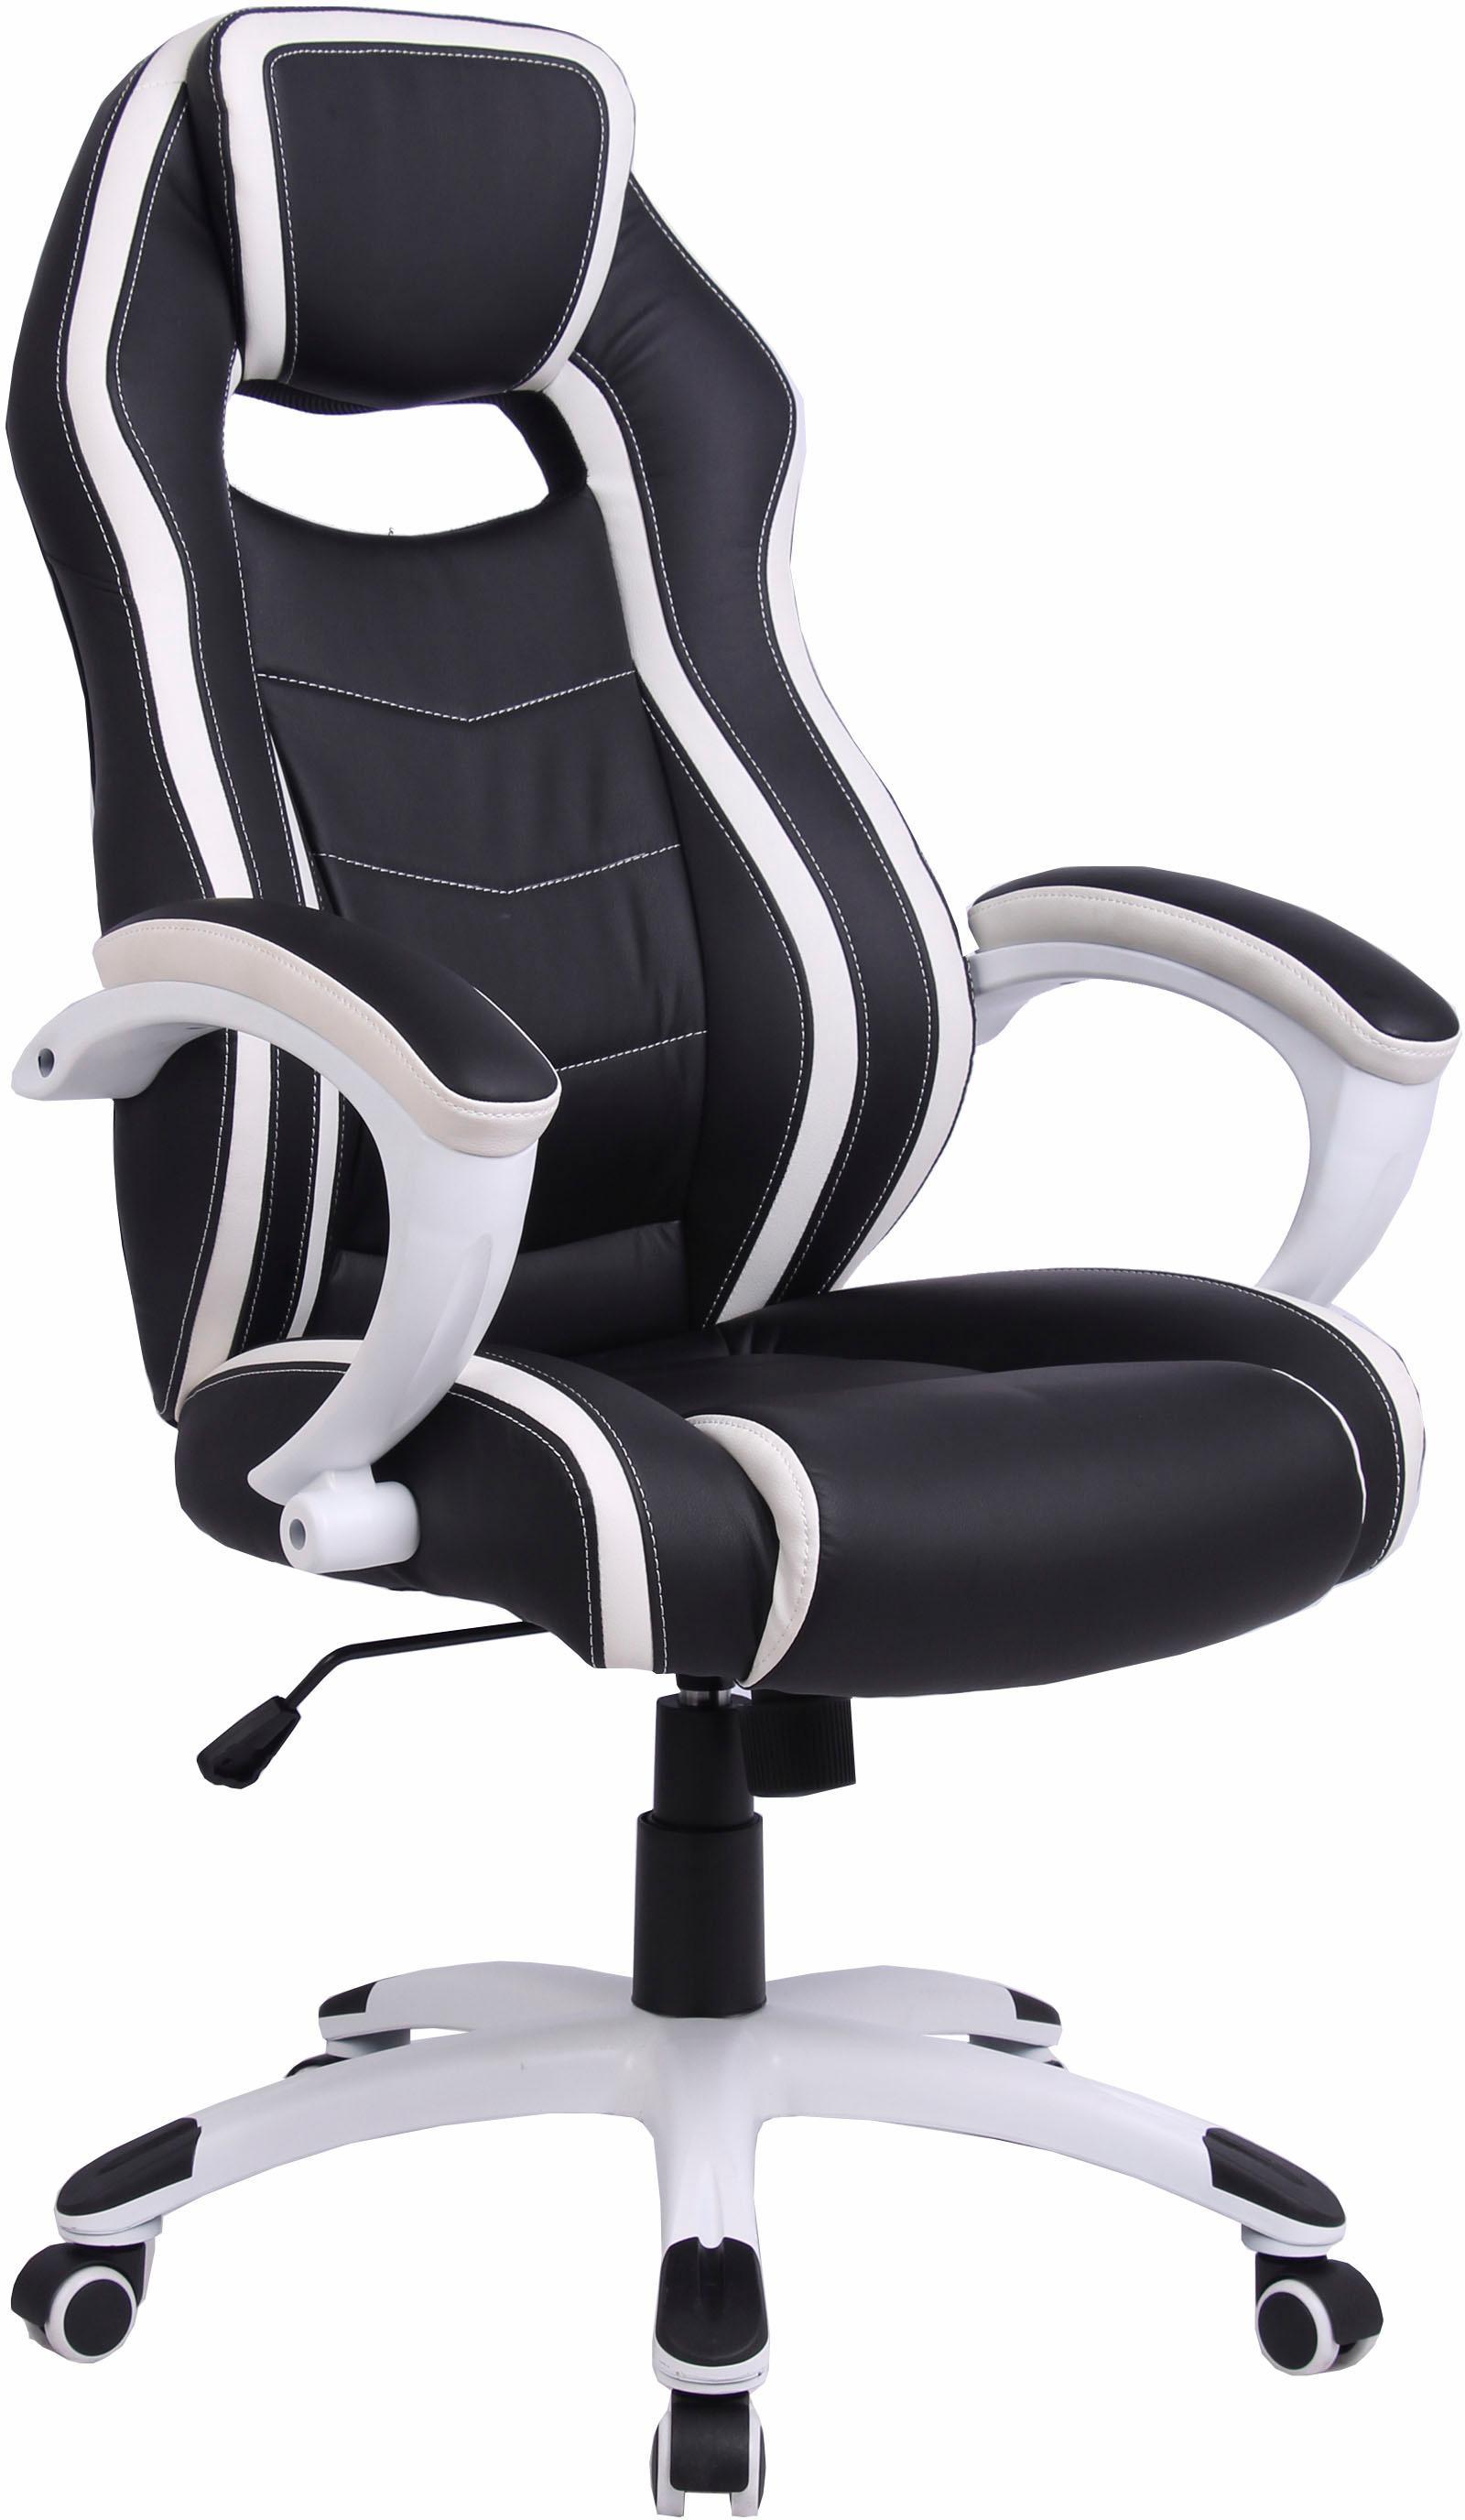 Gaming Chair Technik & Freizeit/Technik/Gaming-Shop/Gaming-Zubehör